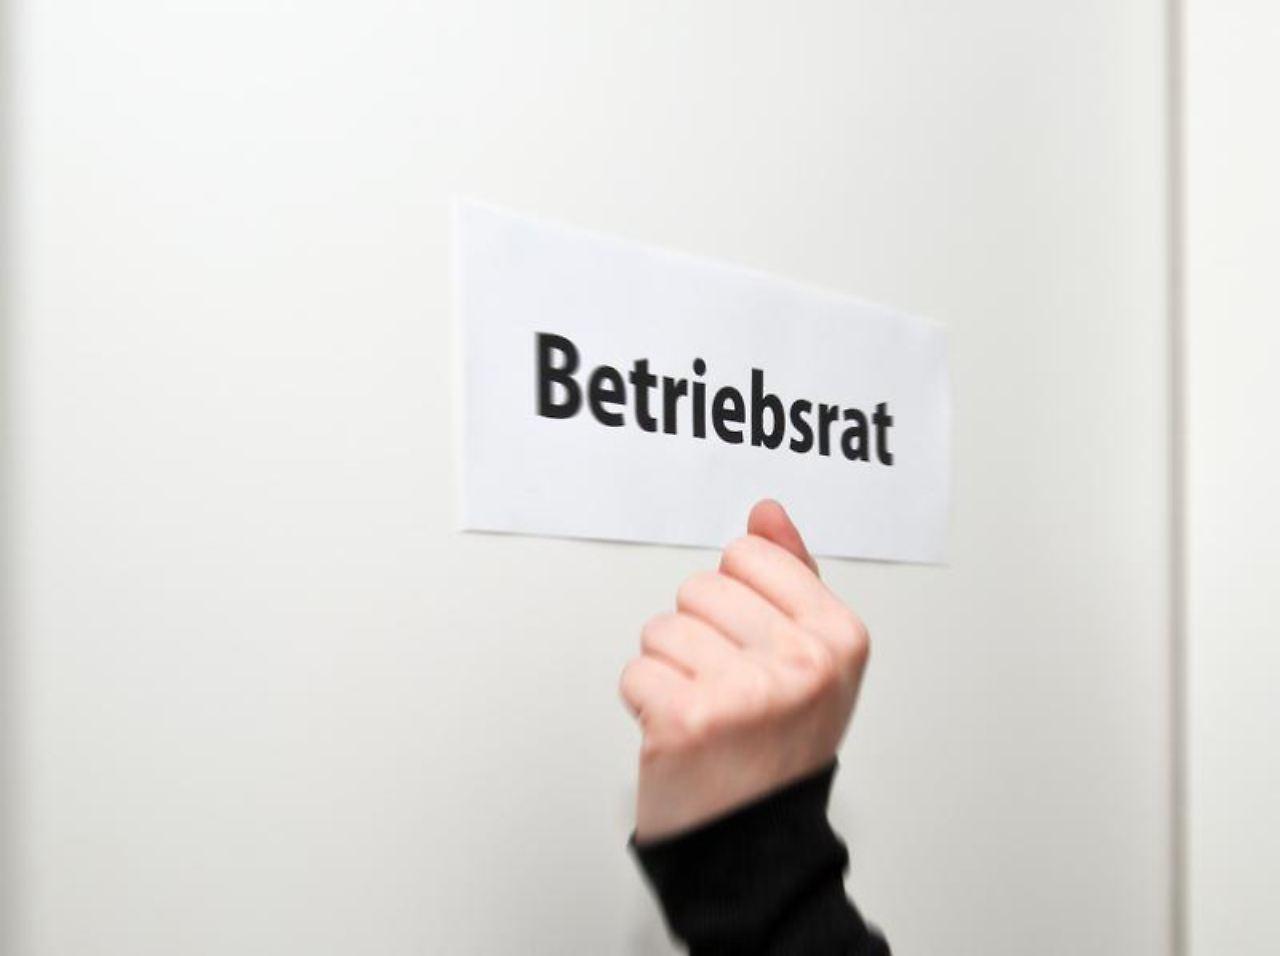 Betriebsrat kann blockieren: Teilzeit nur mit Zustimmung - n-tv.de